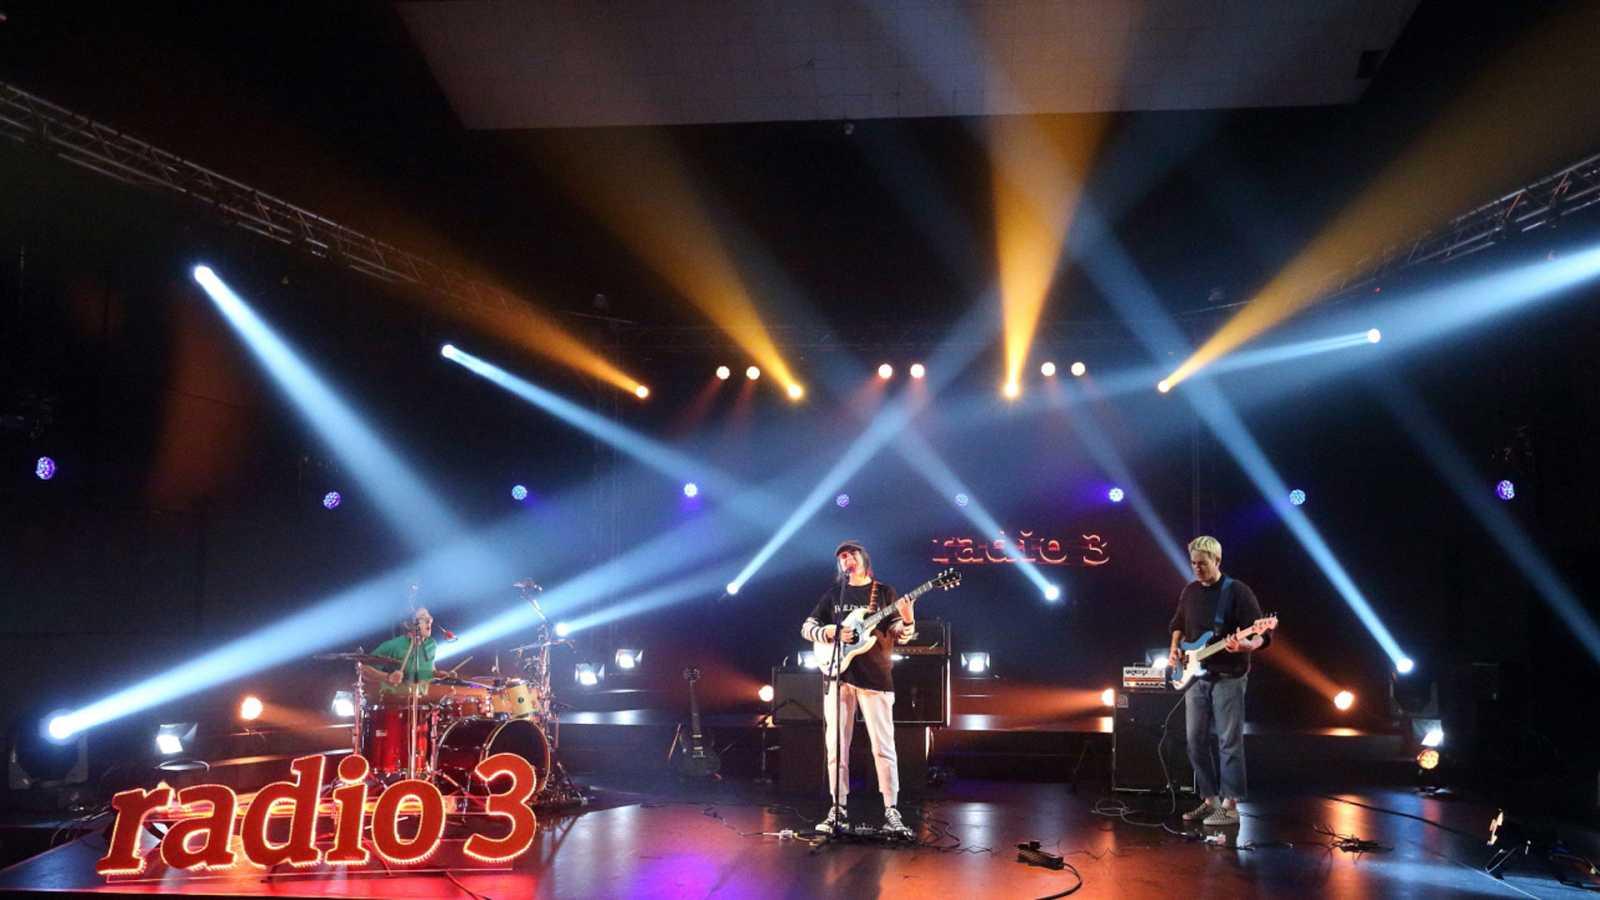 Los conciertos de Radio 3 - Yawners - ver ahora